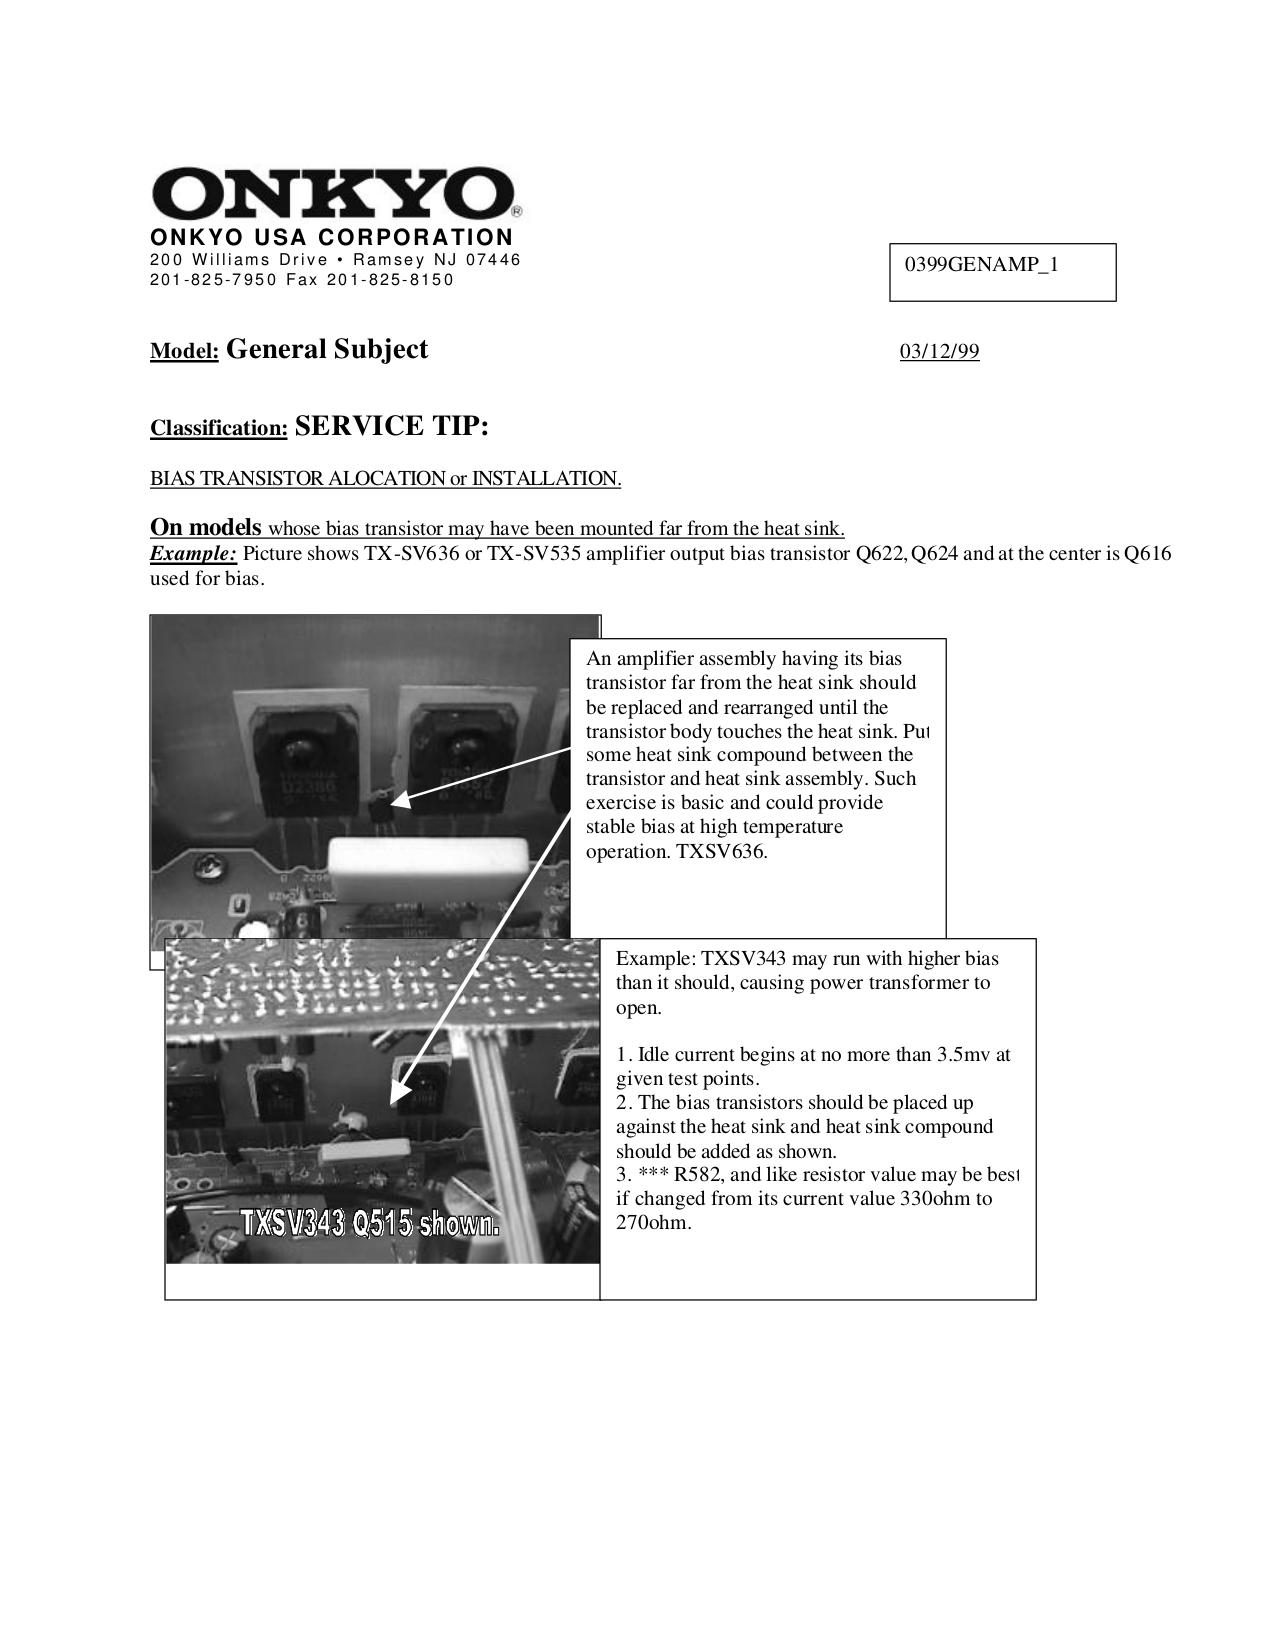 download free pdf for onkyo tx sv636 receiver manual rh umlib com Onkyo TX SR501 Onkyo TX NR808